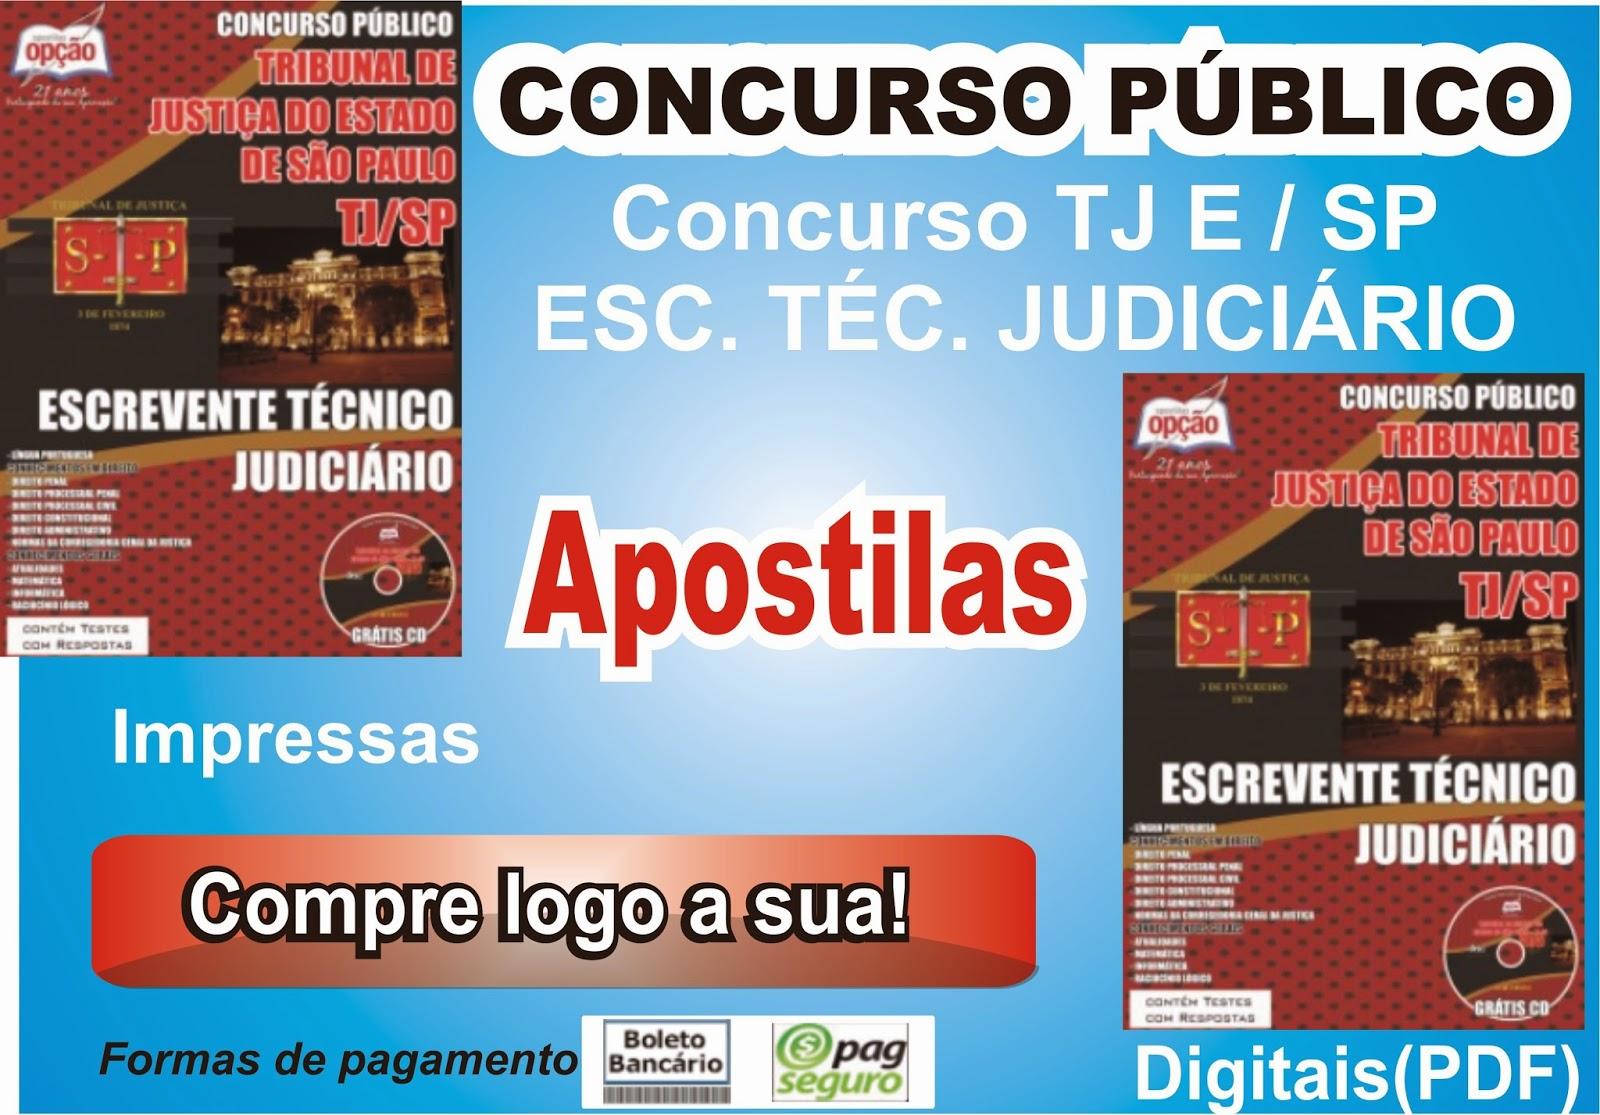 http://www.apostilasopcao.com.br/apostilas/1246/2163/tribunal-de-justica-do-estado-sp/escrevente-tecnico-judiciario.php?afiliado=2561